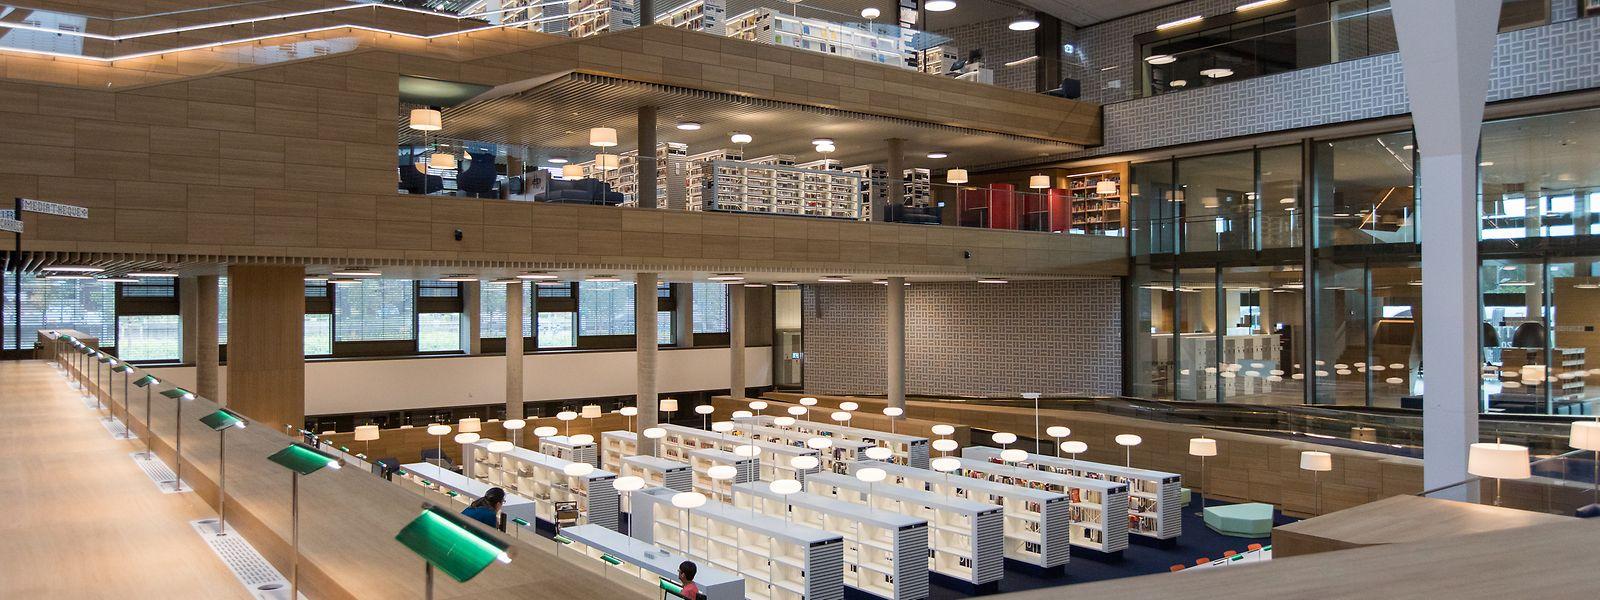 Die neue Nationalbibliothek (u..) bietet die große Bühne für die neue Leitung – noch läuft aber der Bewerbungsprozess für den nicht einfachen Direktionsposten.